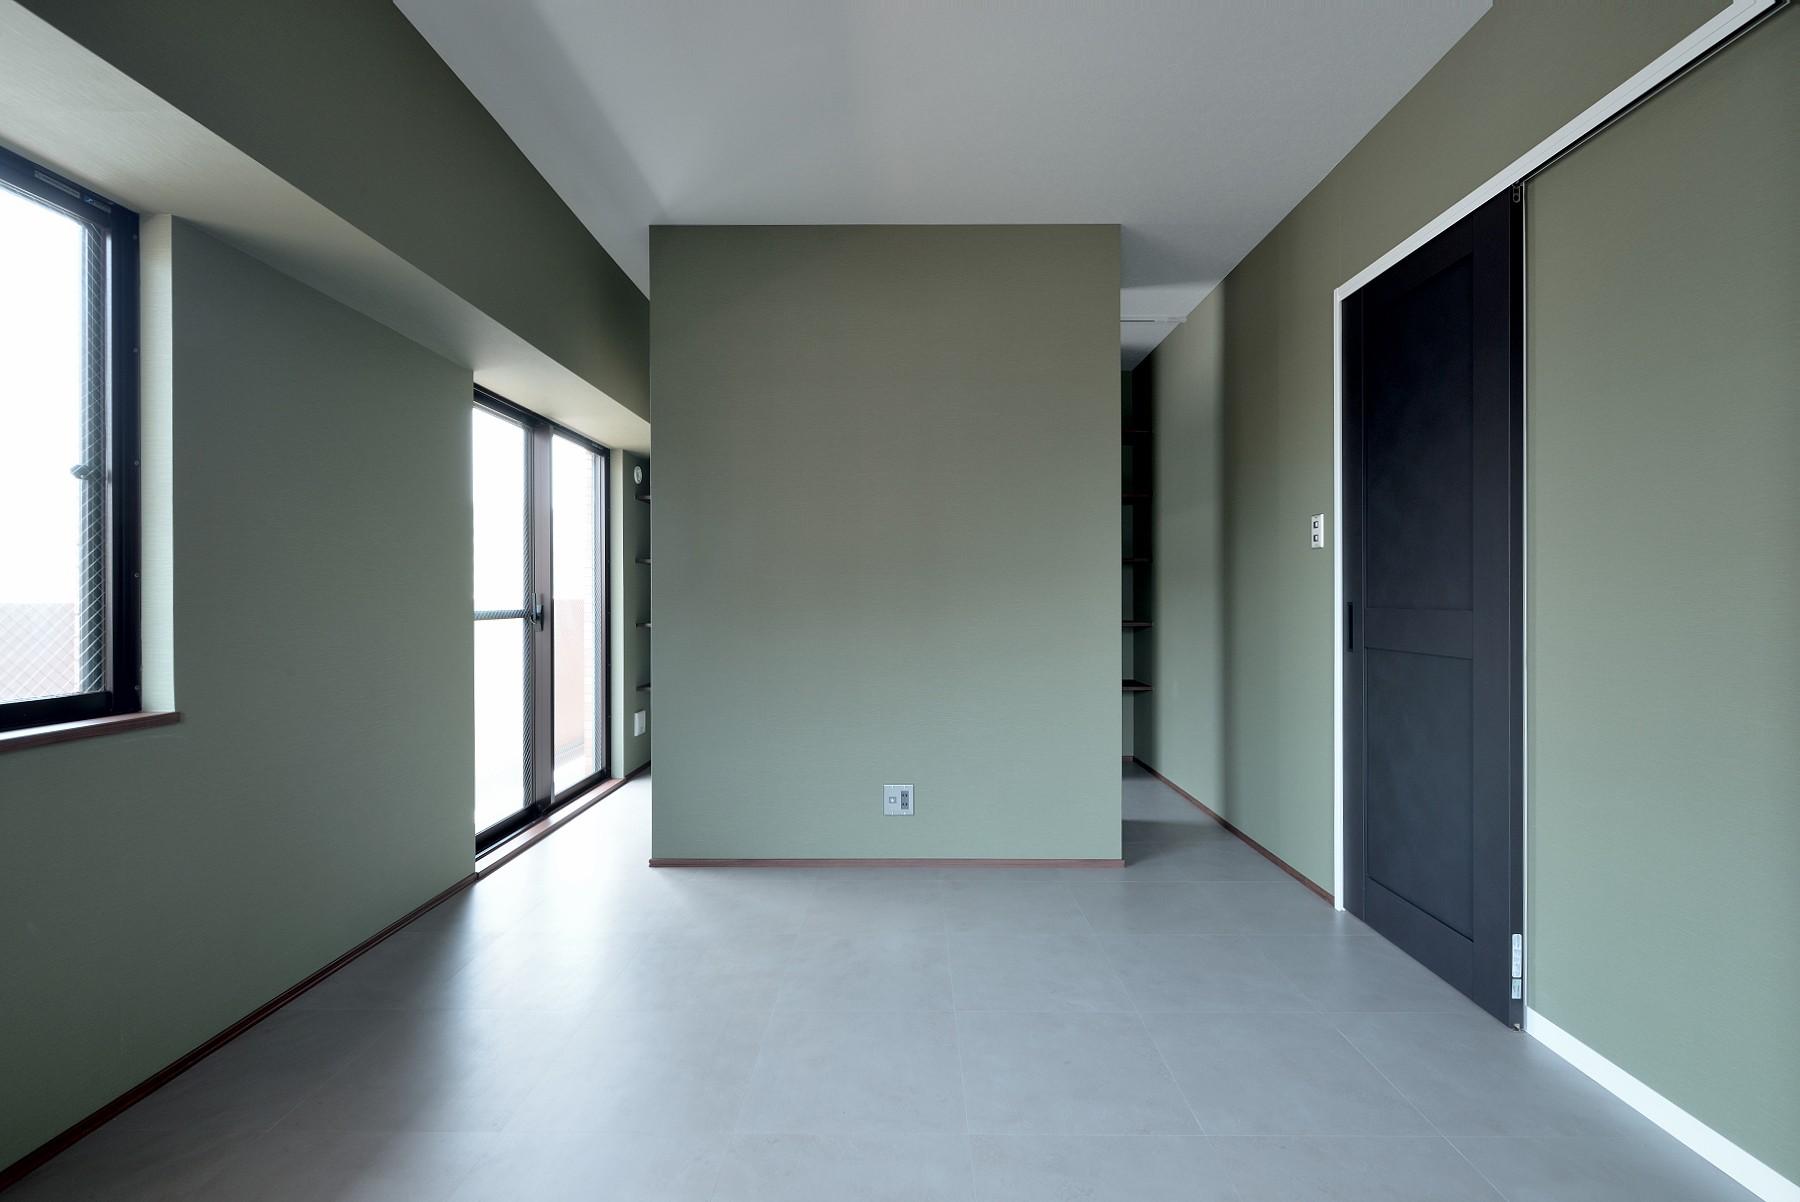 ベッドルーム事例:ベッドルーム(モルタル仕上げのキッチン×キャットステップのあるワンストップリノベーション住まい)